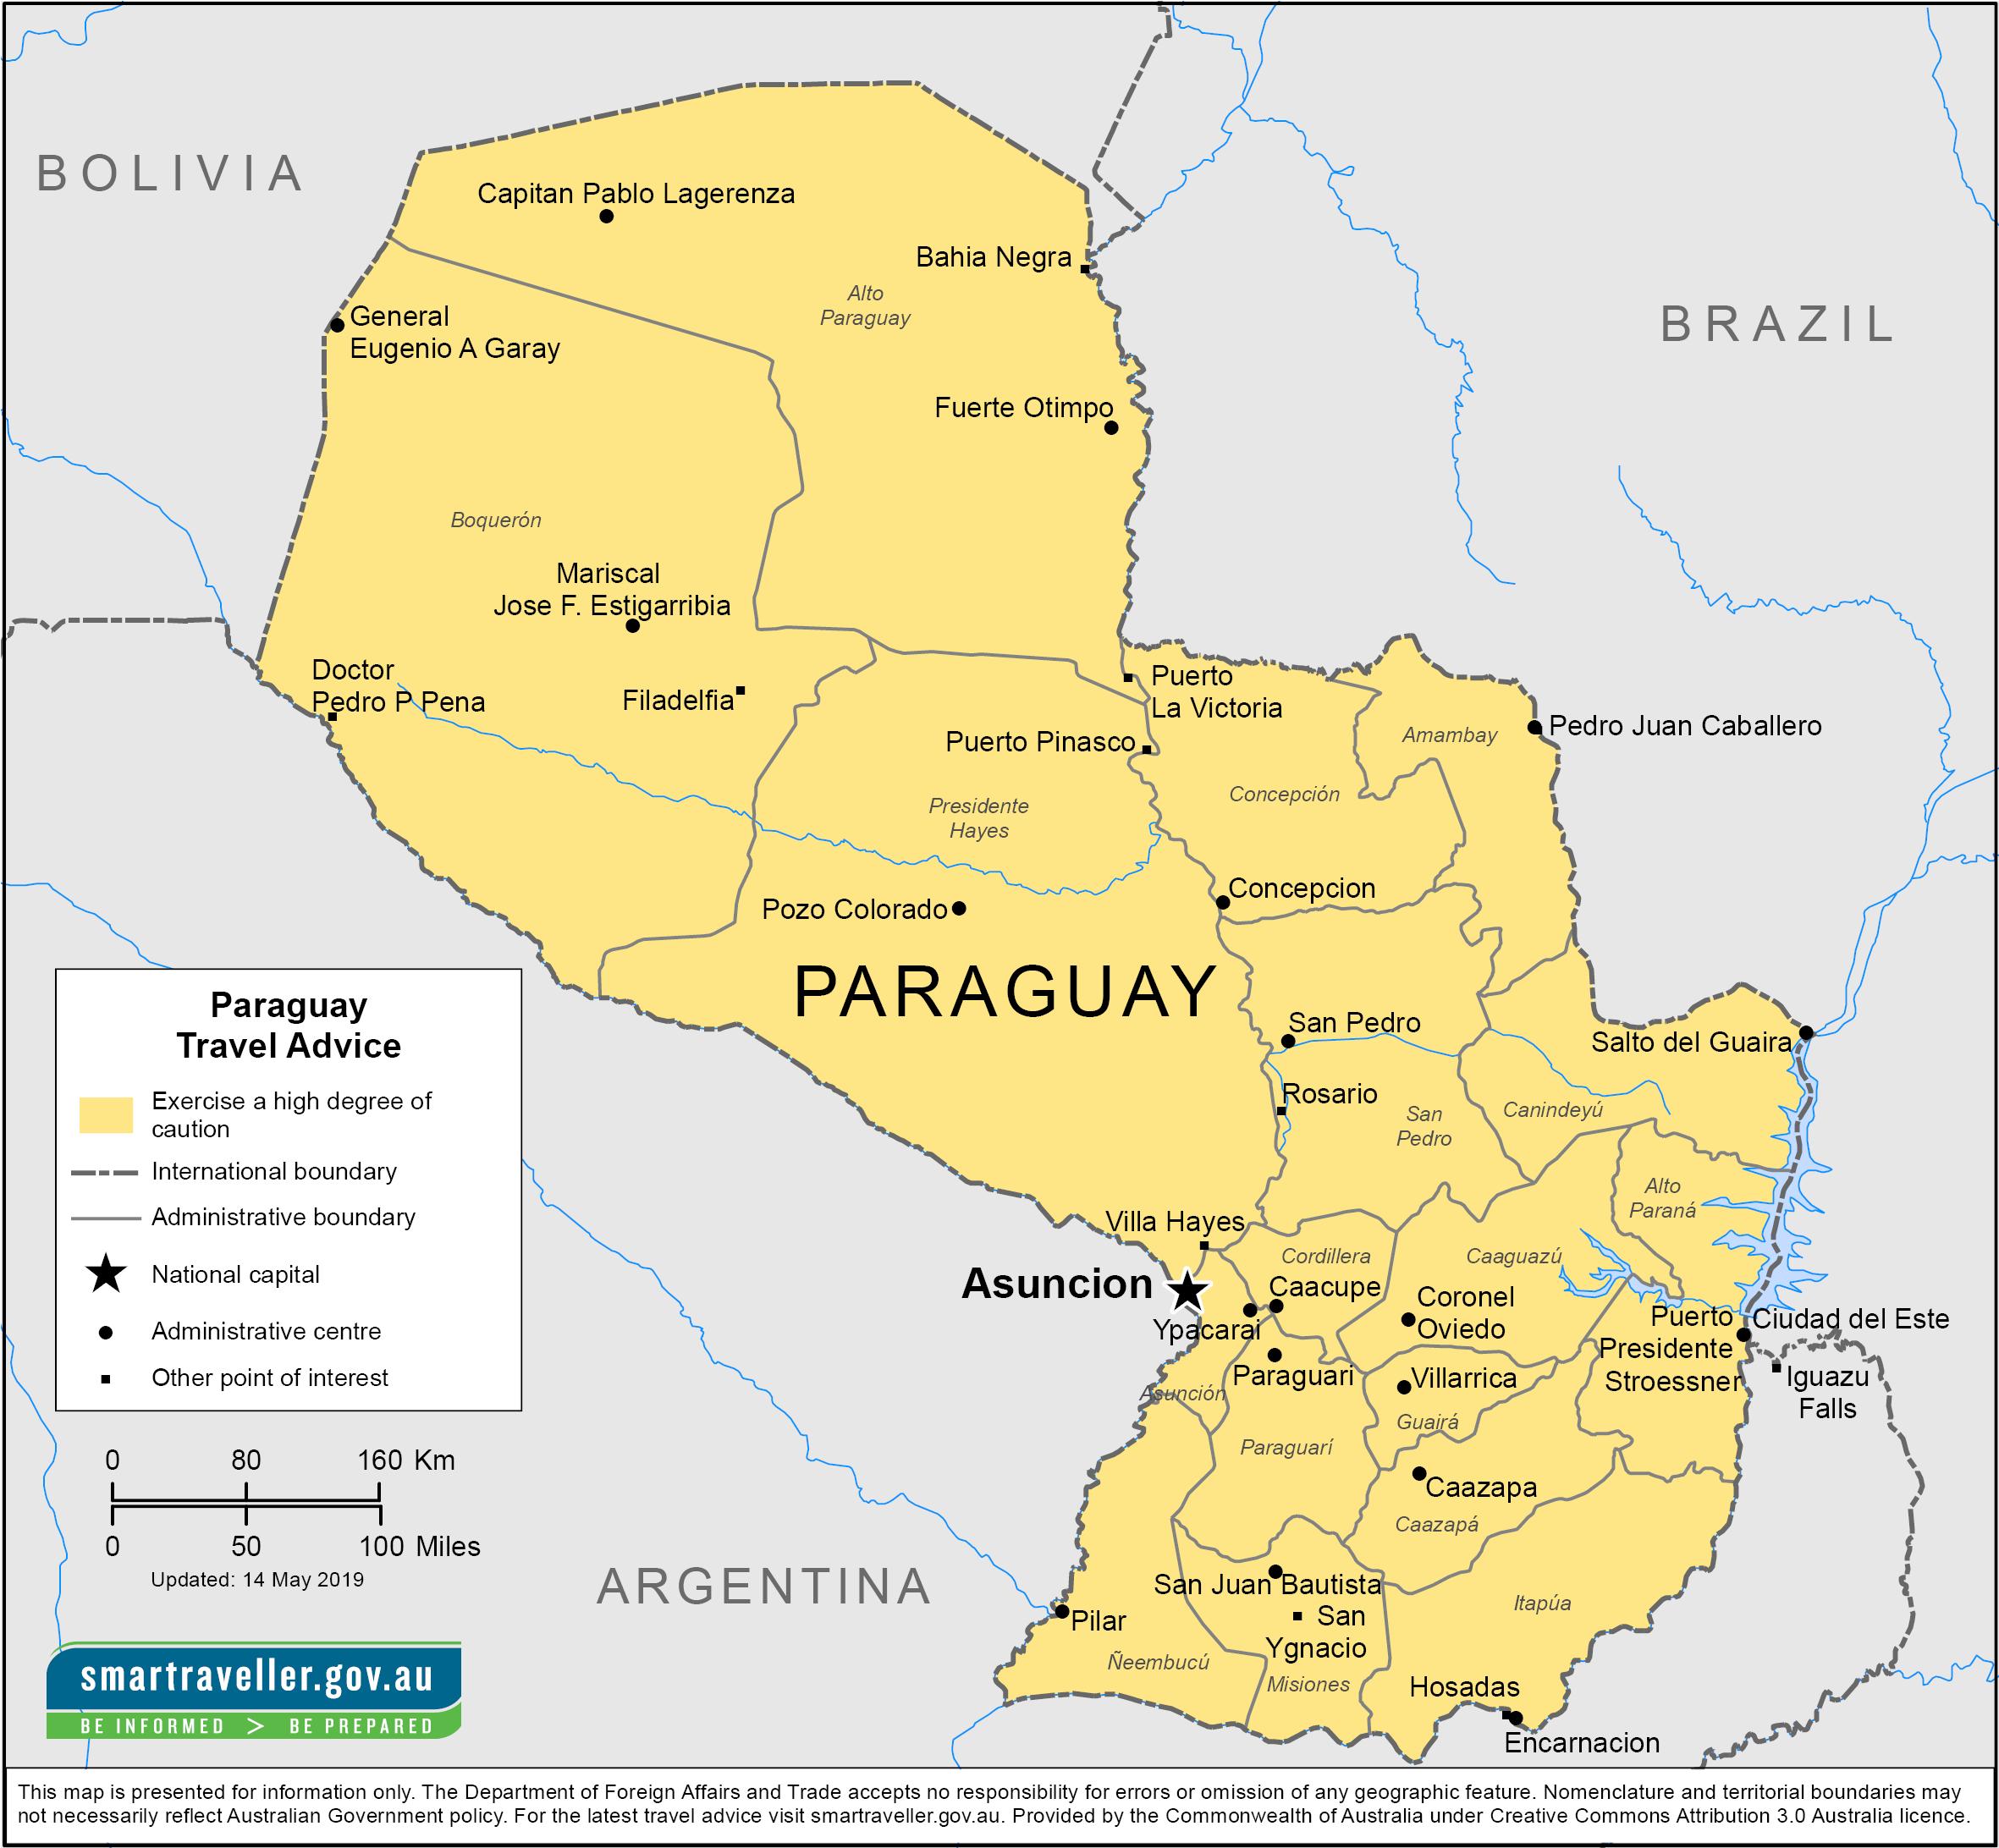 ارسال بارهوایی به پاراگوئه